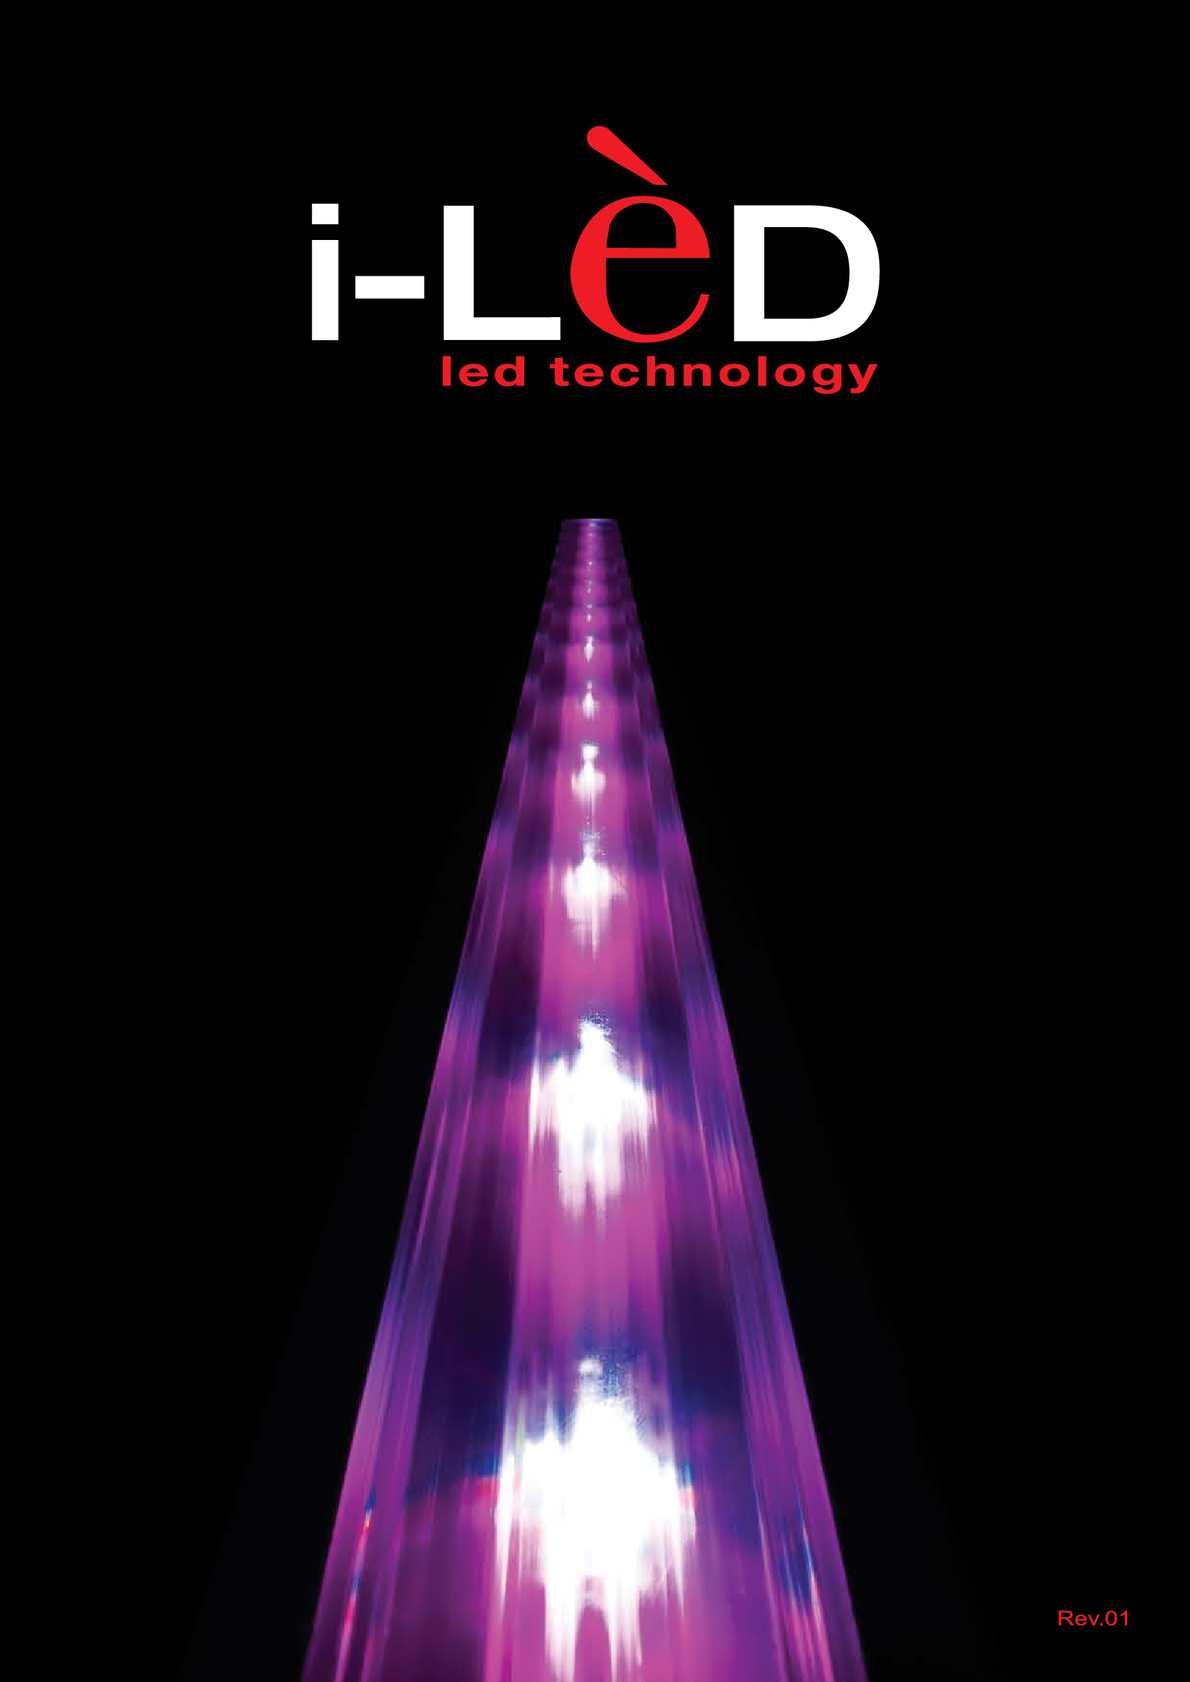 5w High Power LED in alluminio-Dissipatore di calore 120 LM VERDE 140 gradi Angolo a fascio